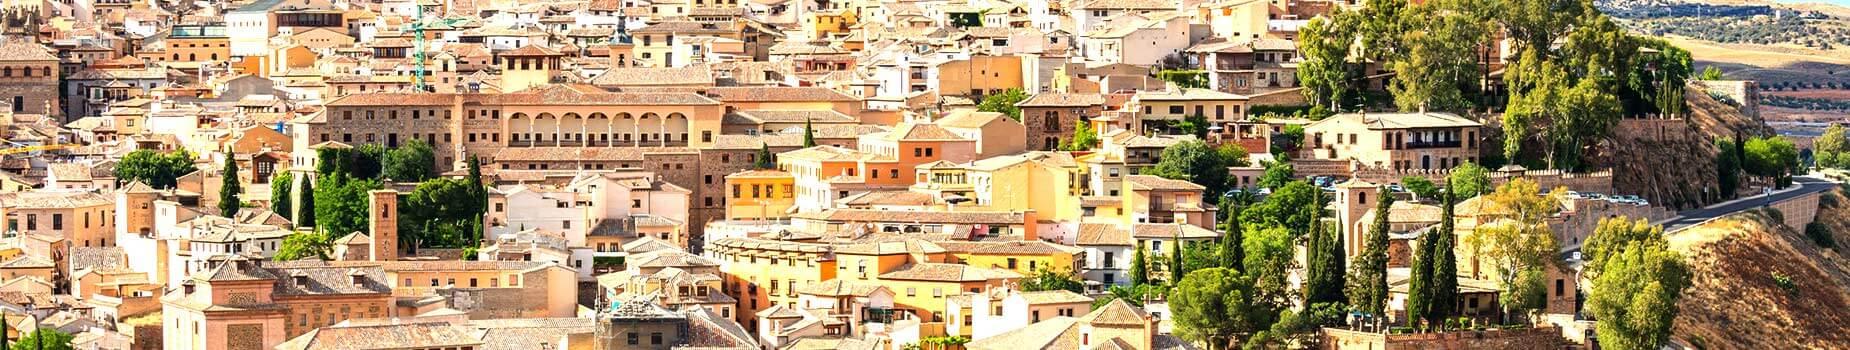 Excursiereizen Spanje